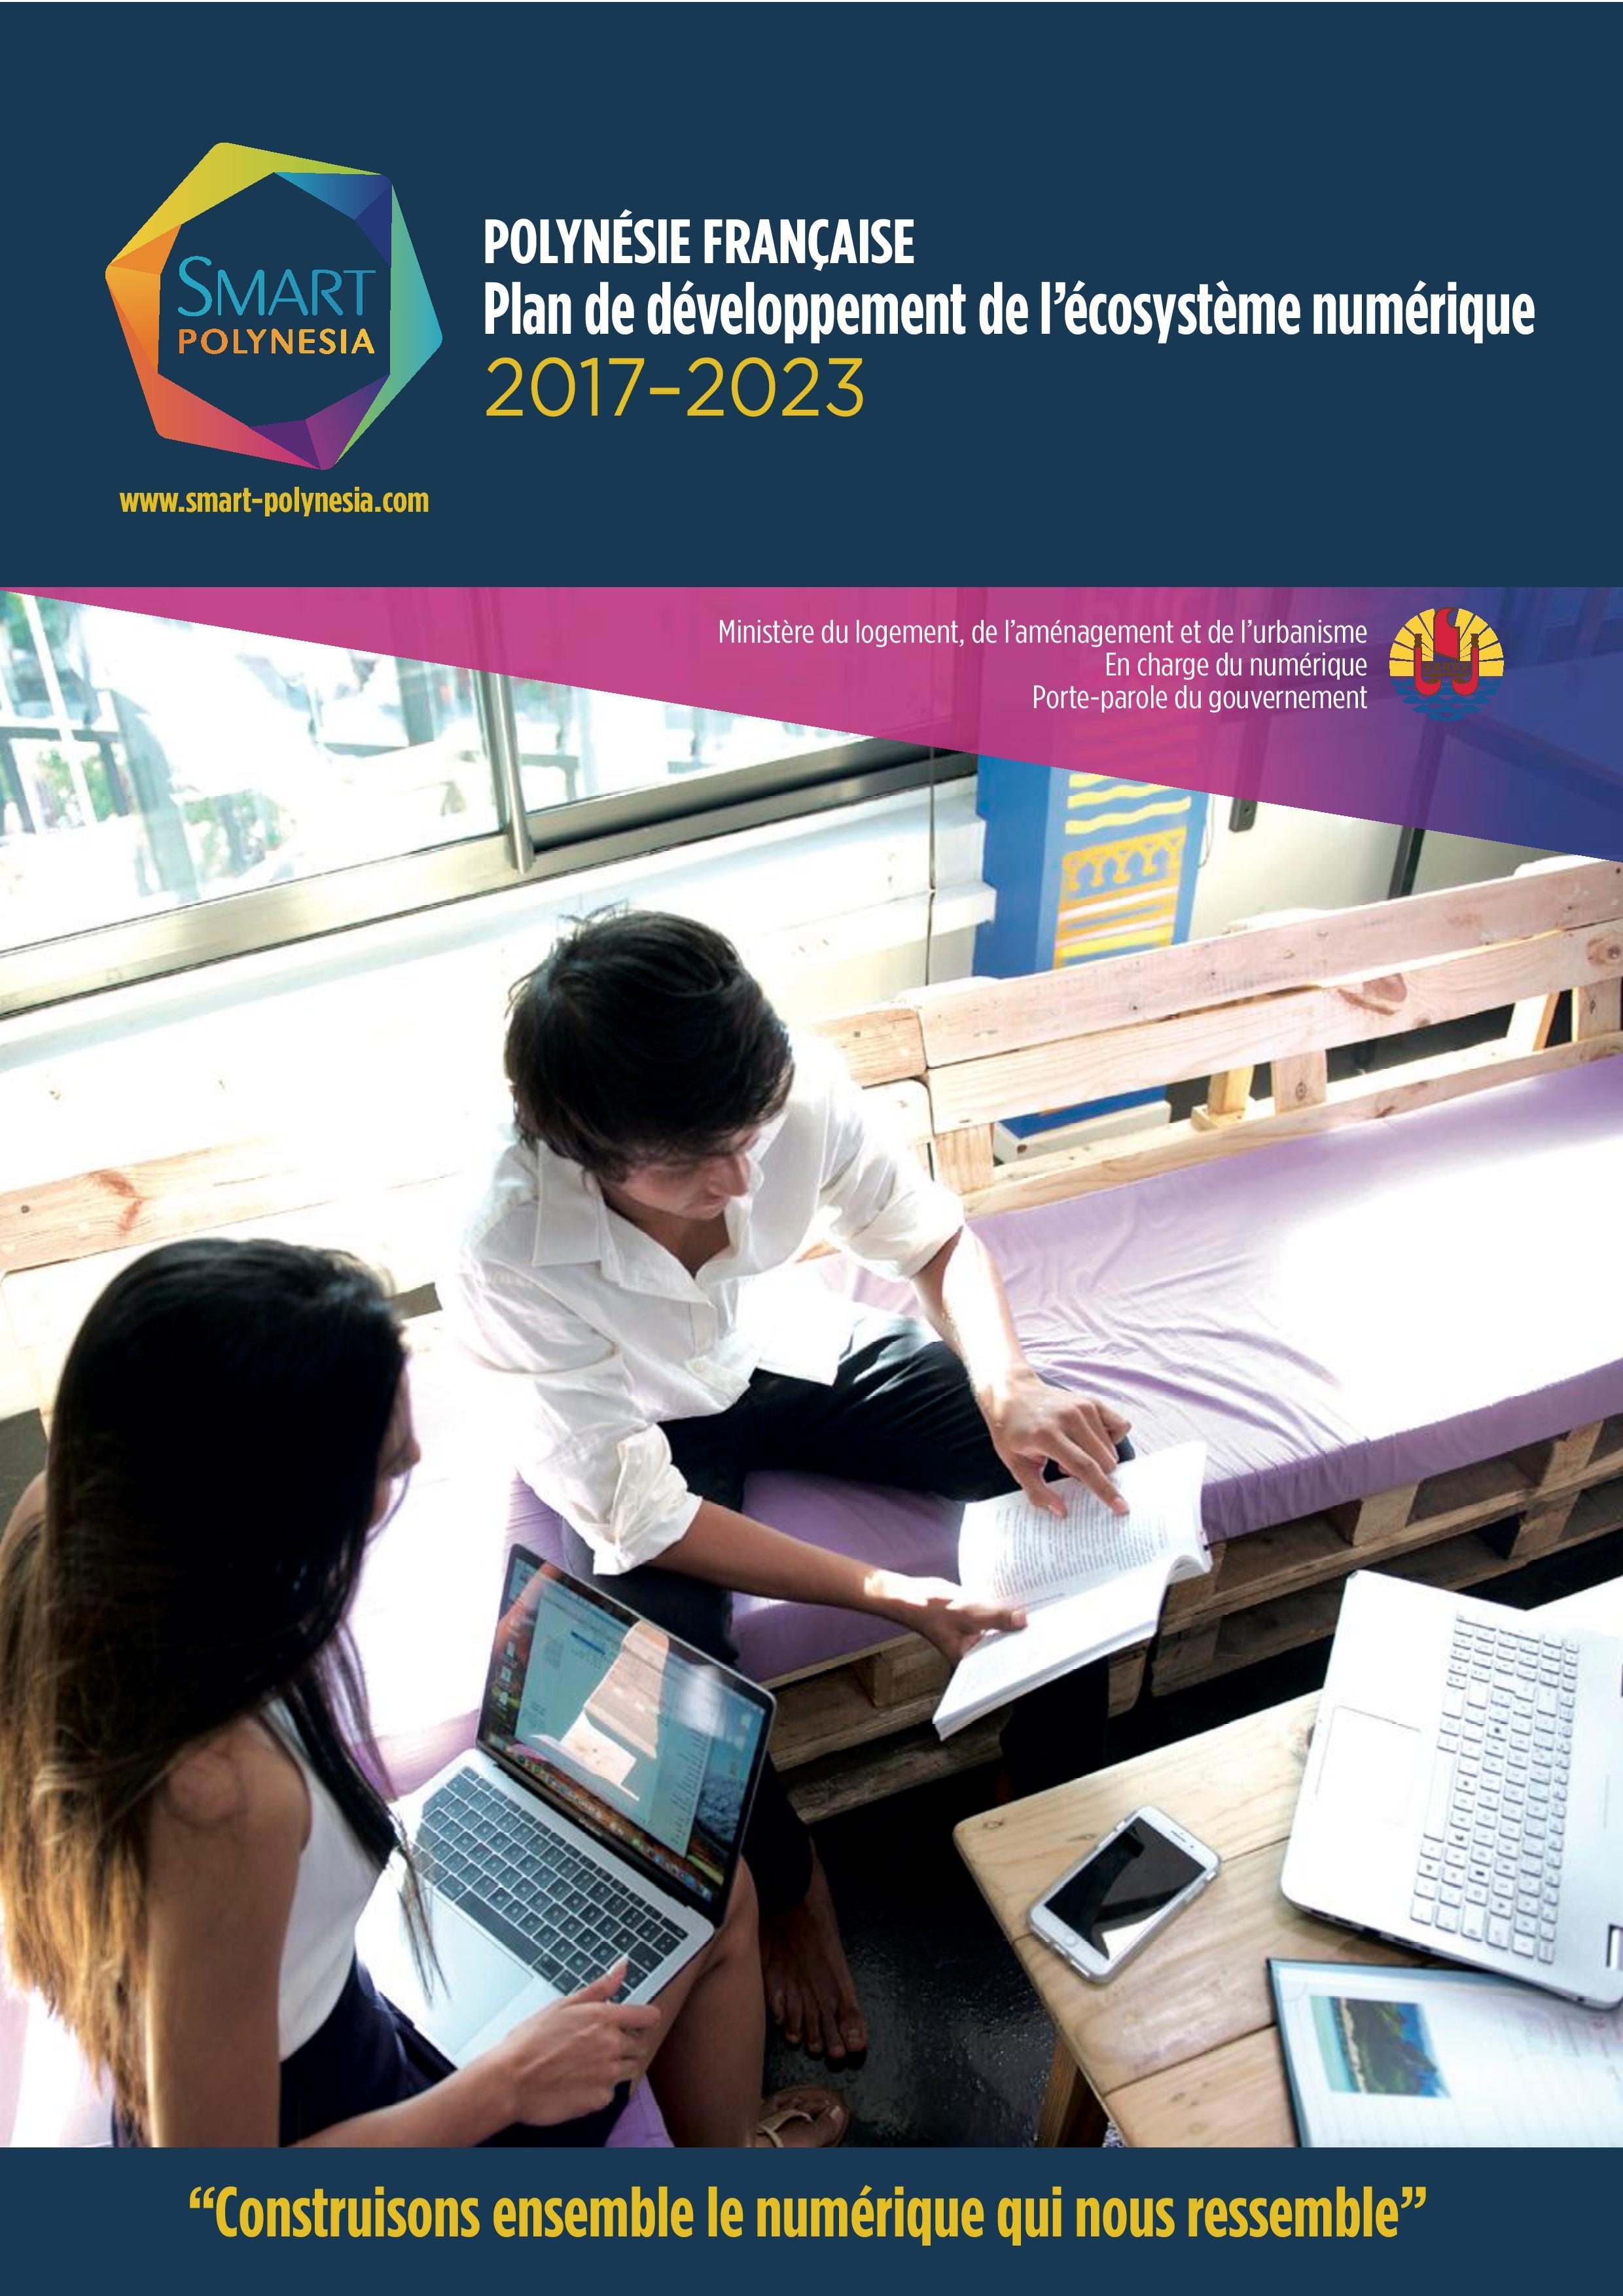 Le plan du gouvernement pour développer le numérique en Polynésie